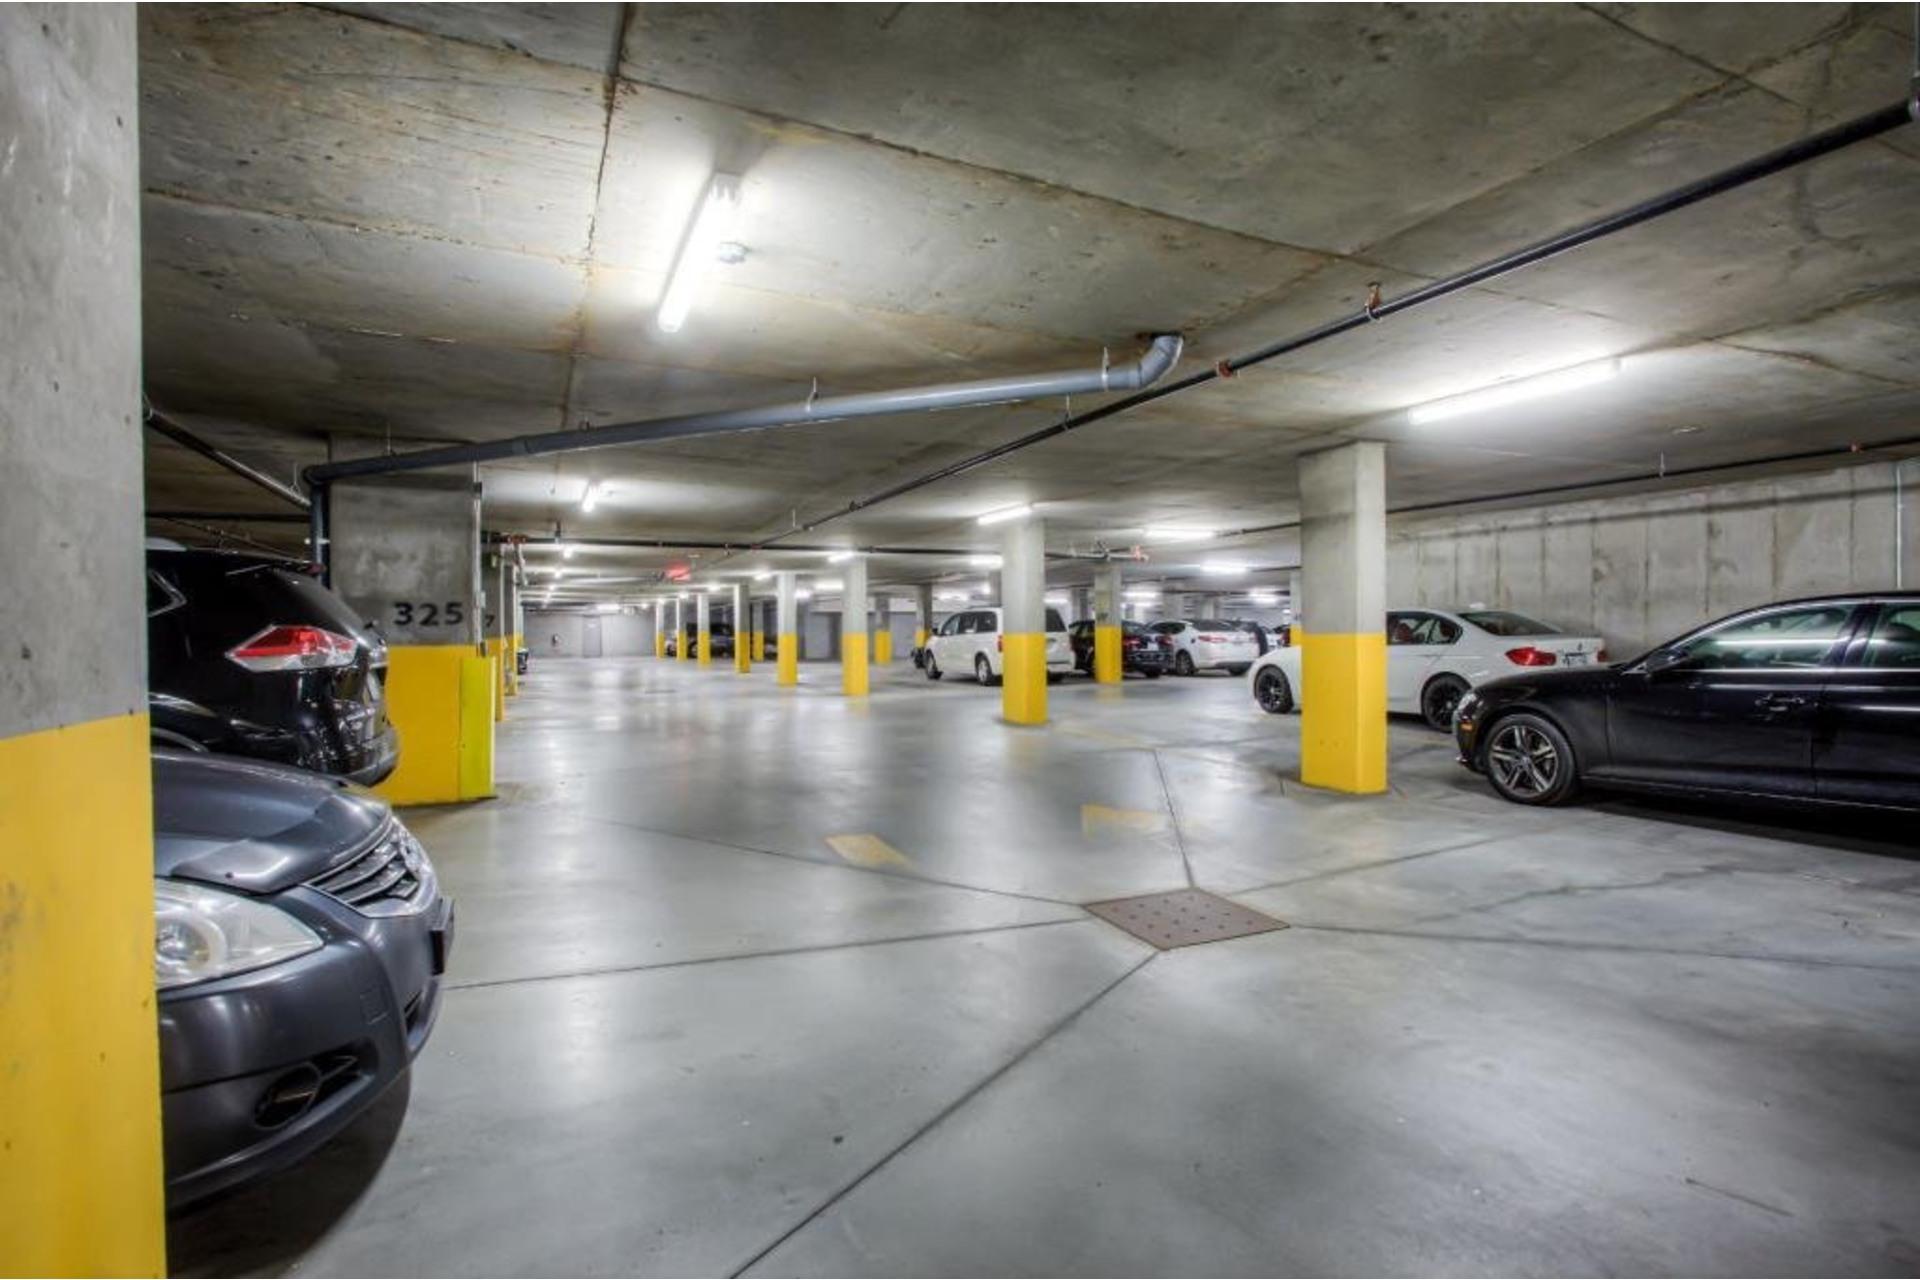 image 14 - Appartement À louer Ahuntsic-Cartierville Montréal  - 4 pièces